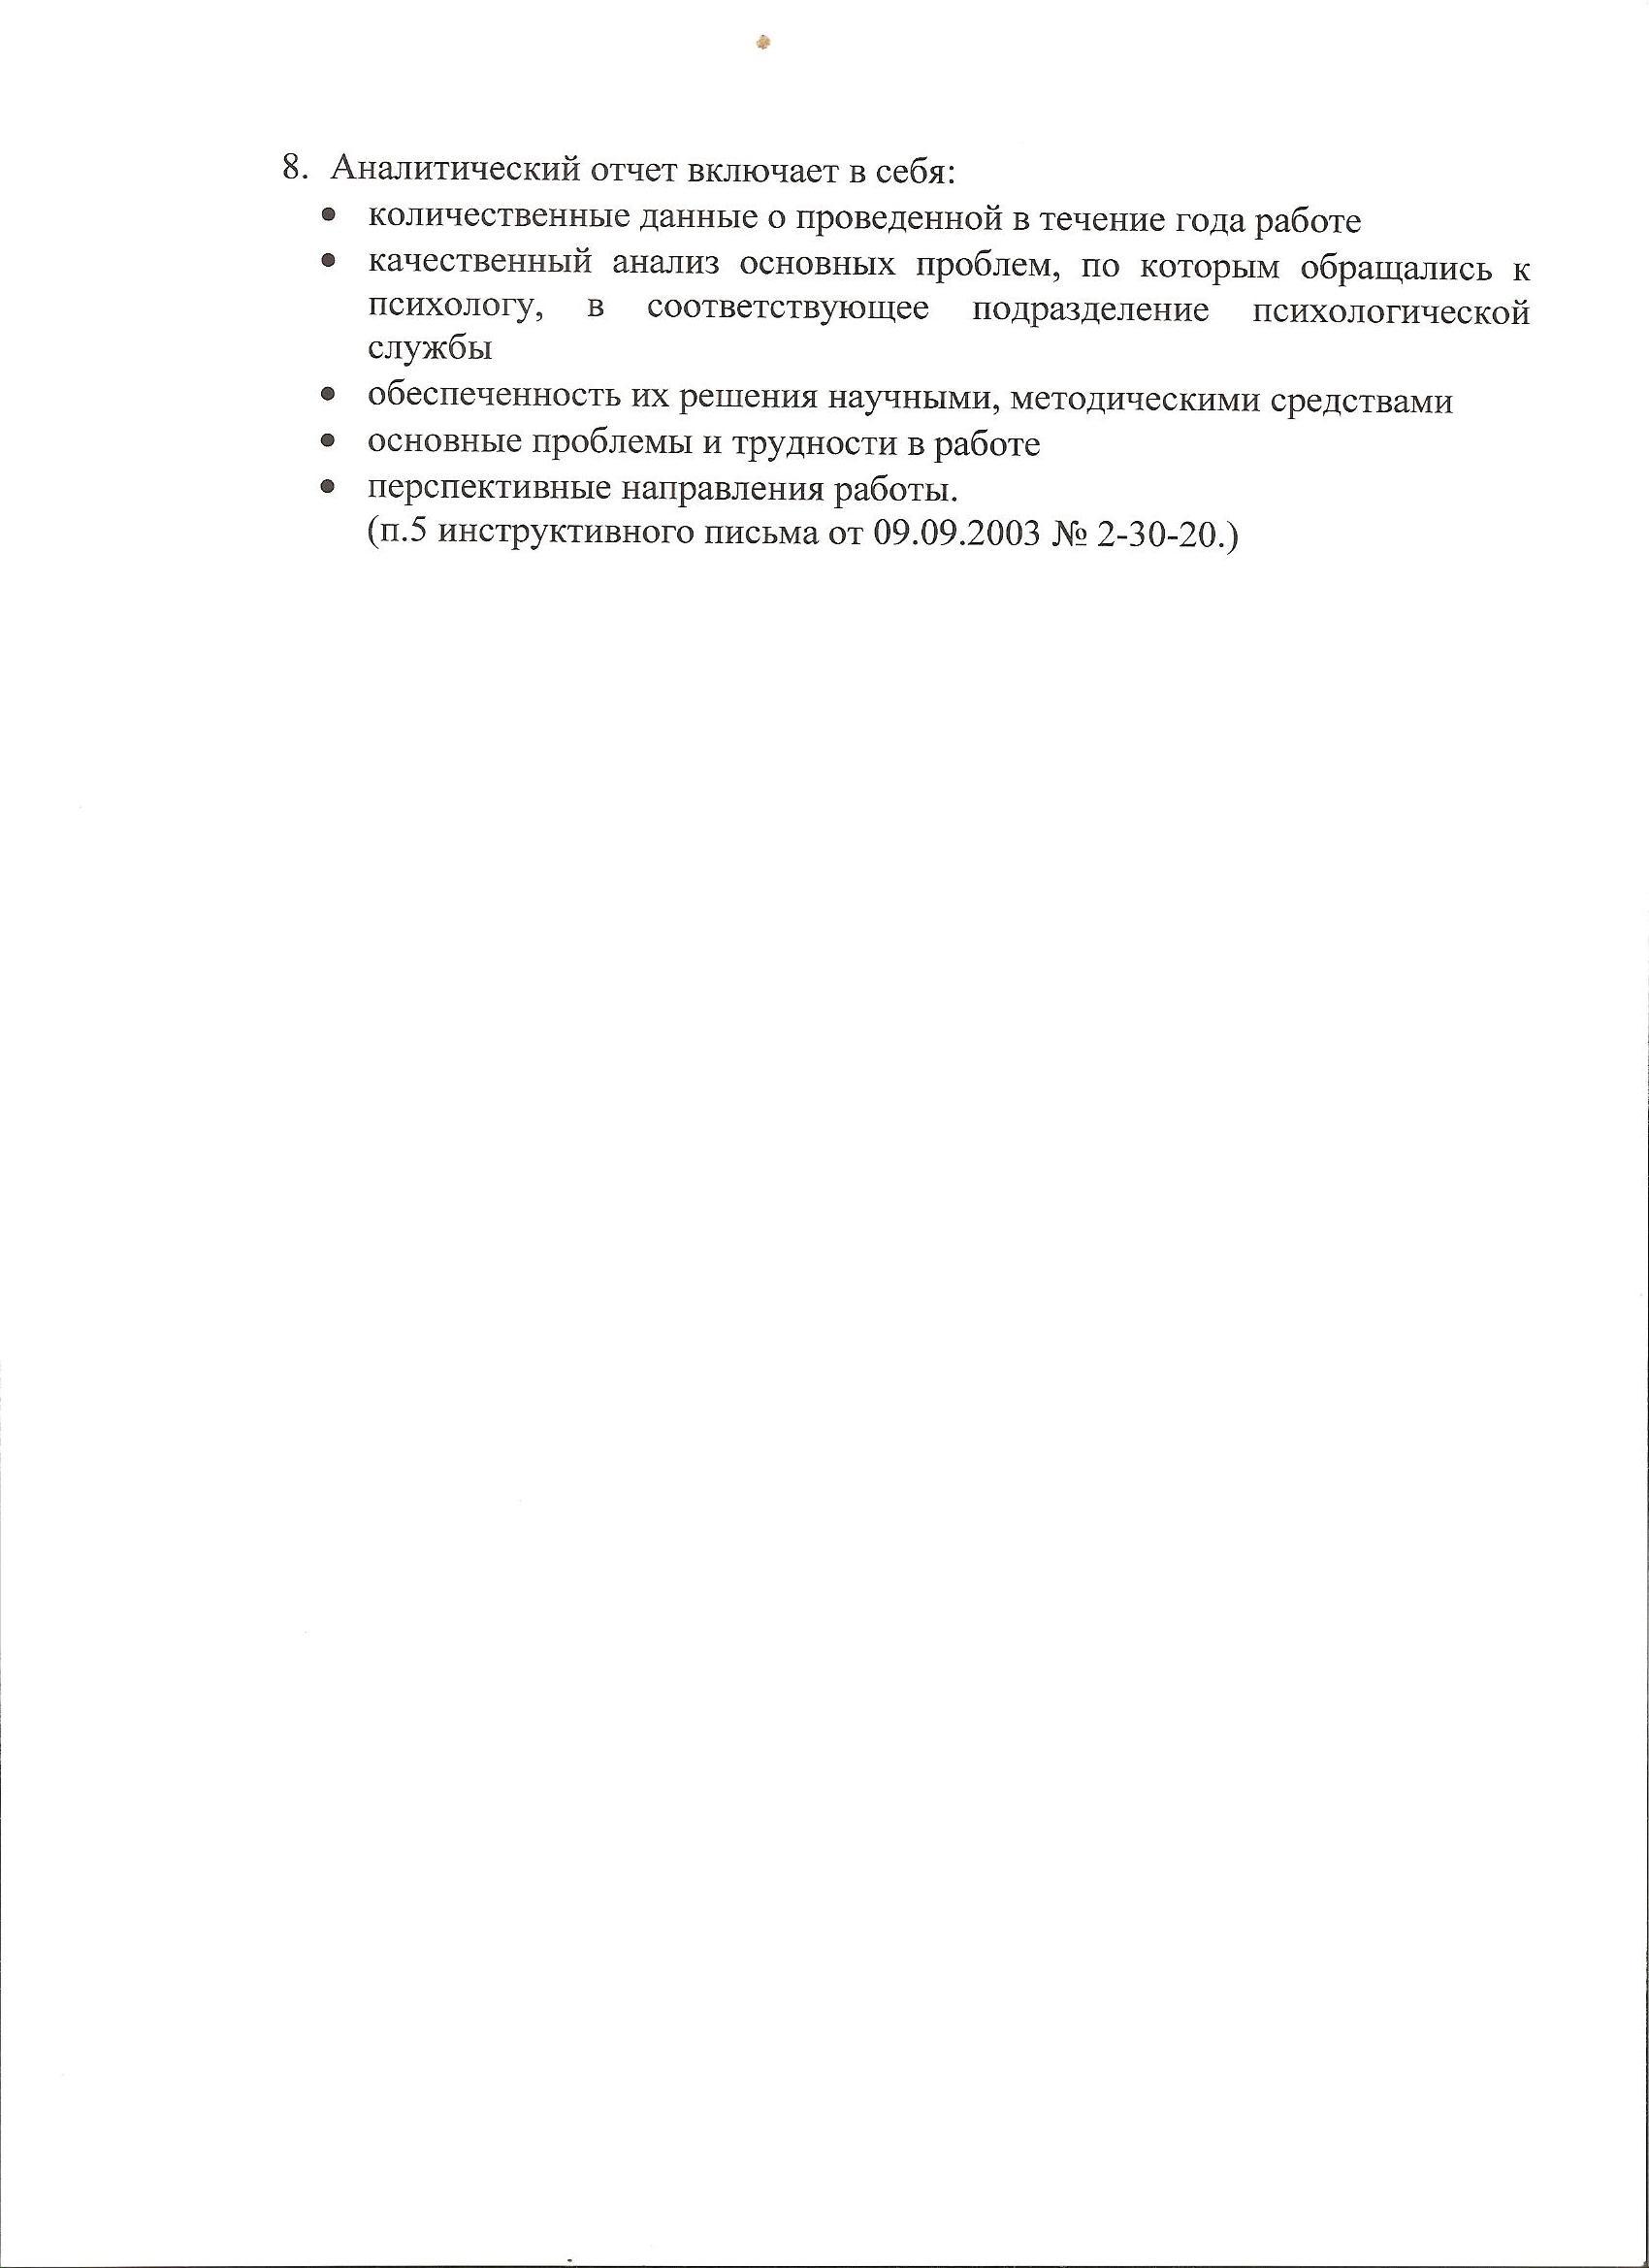 инструкция по применению списка госкотруда и вцспс от 21 1177